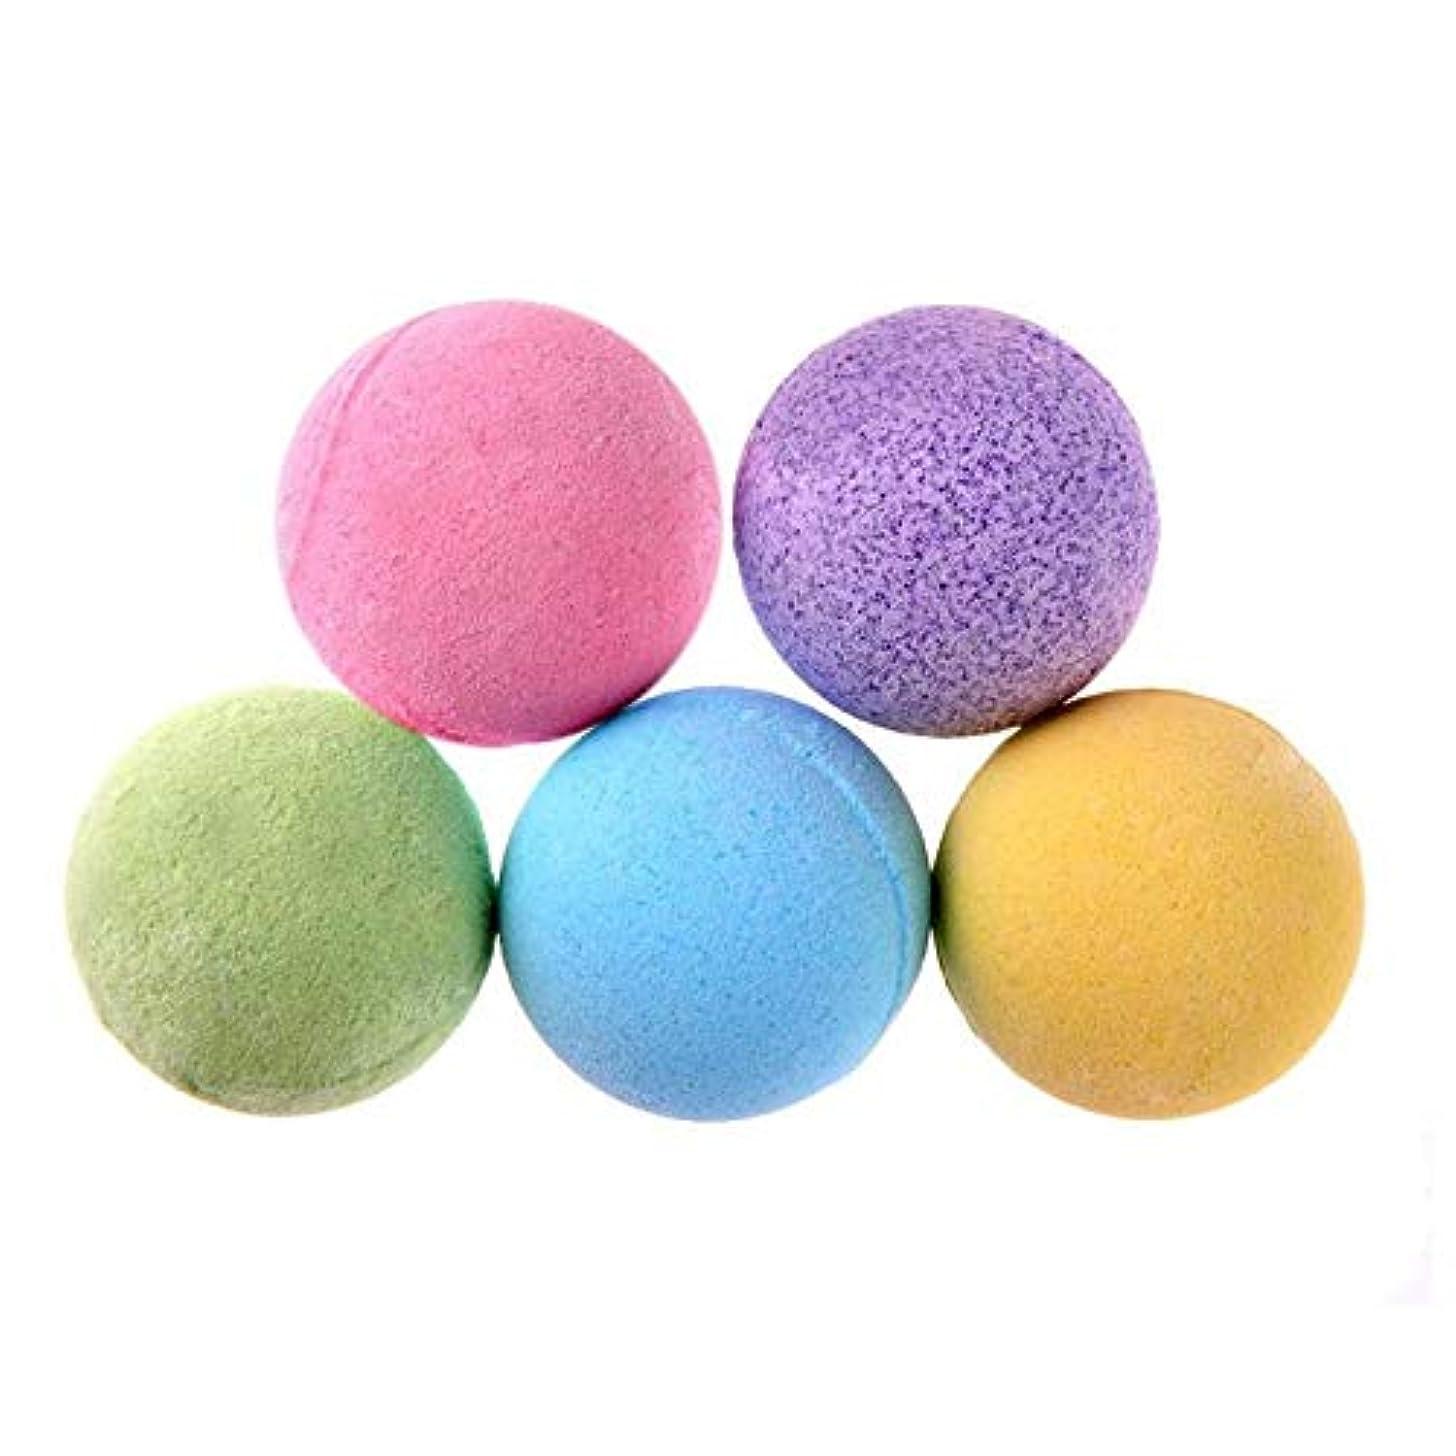 肘ウェイド輪郭Hot 10pc 10g Organic Bath Salt Body Essential Oil Bath Ball Natural Bubble Bath Bombs Ball Rose/Green tea/Lavender...